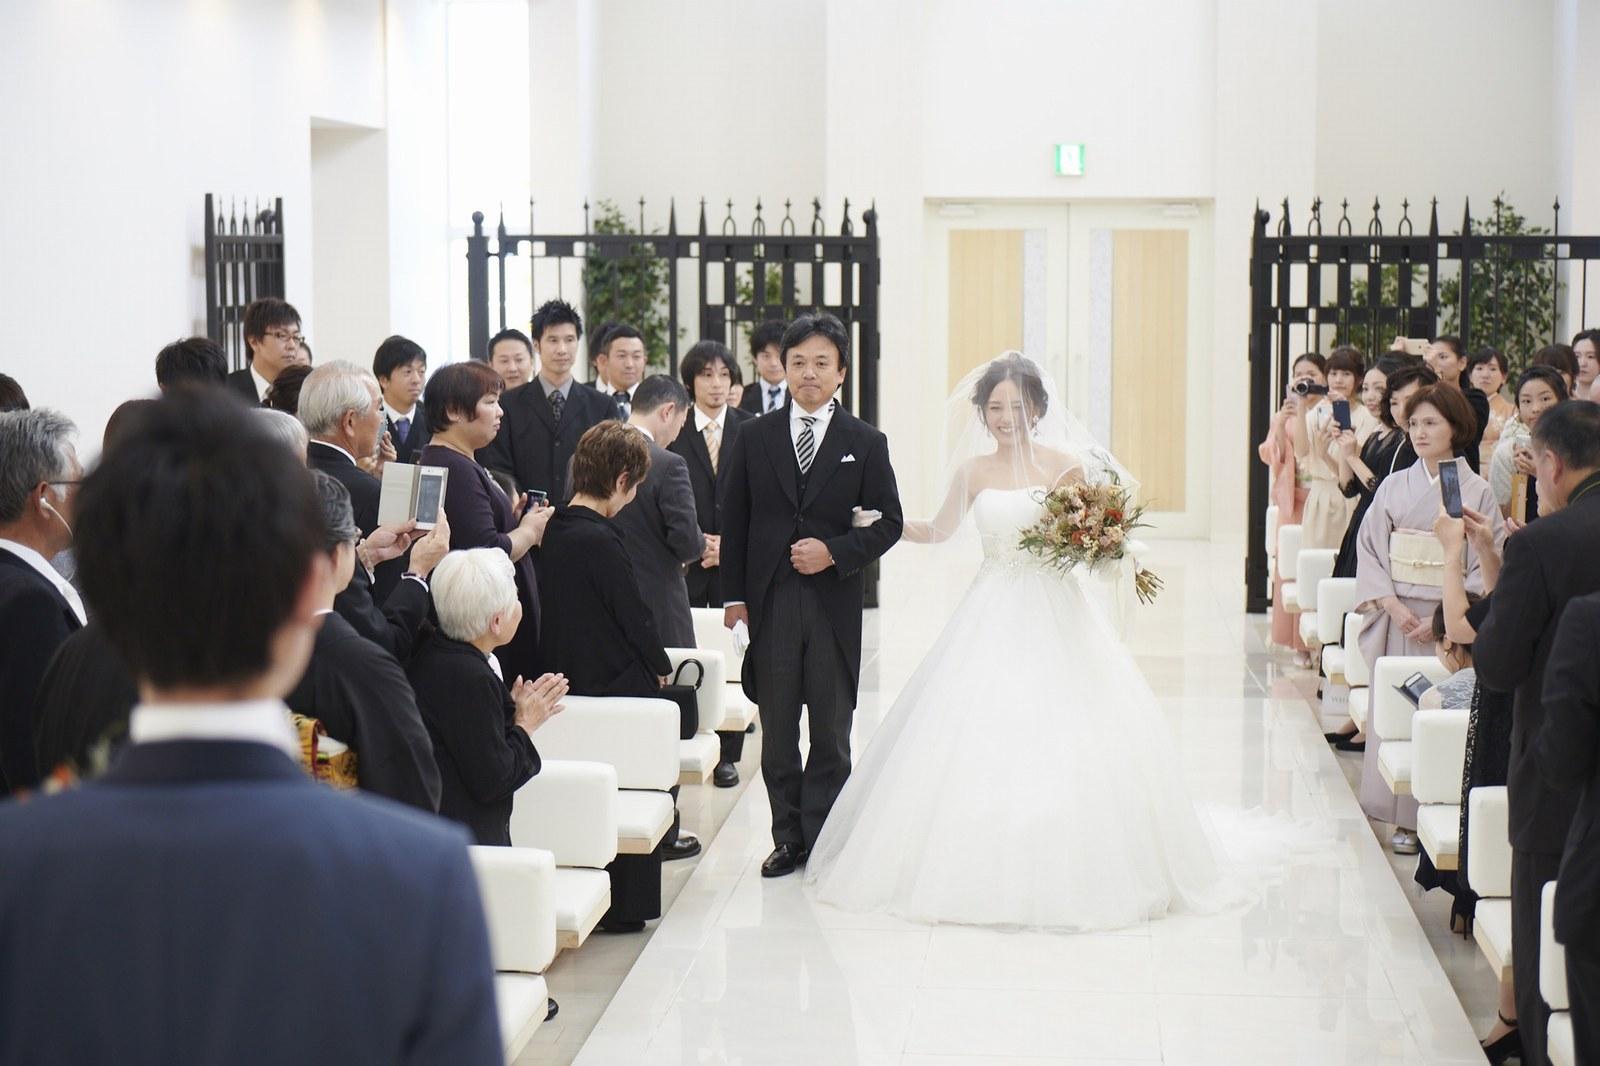 徳島県の結婚式場ブランアンジュのバージンロード